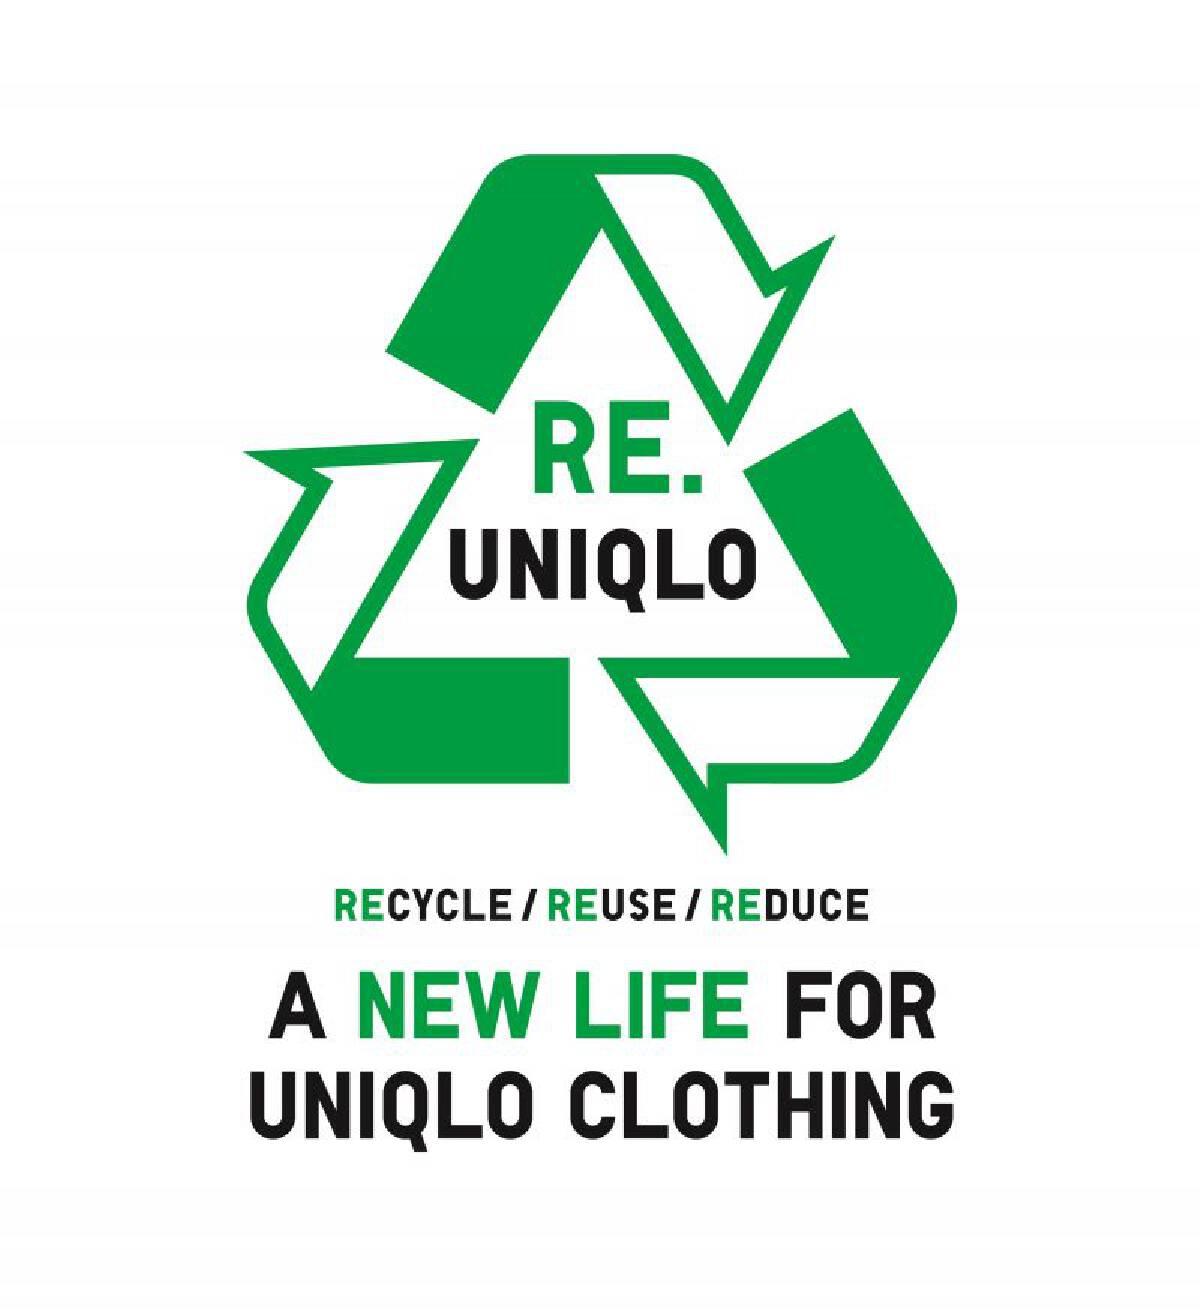 """ยูนิโคล่ """"ลดขยะ"""" สร้างคุณค่าใหม่ให้เสื้อผ้าเก่า"""